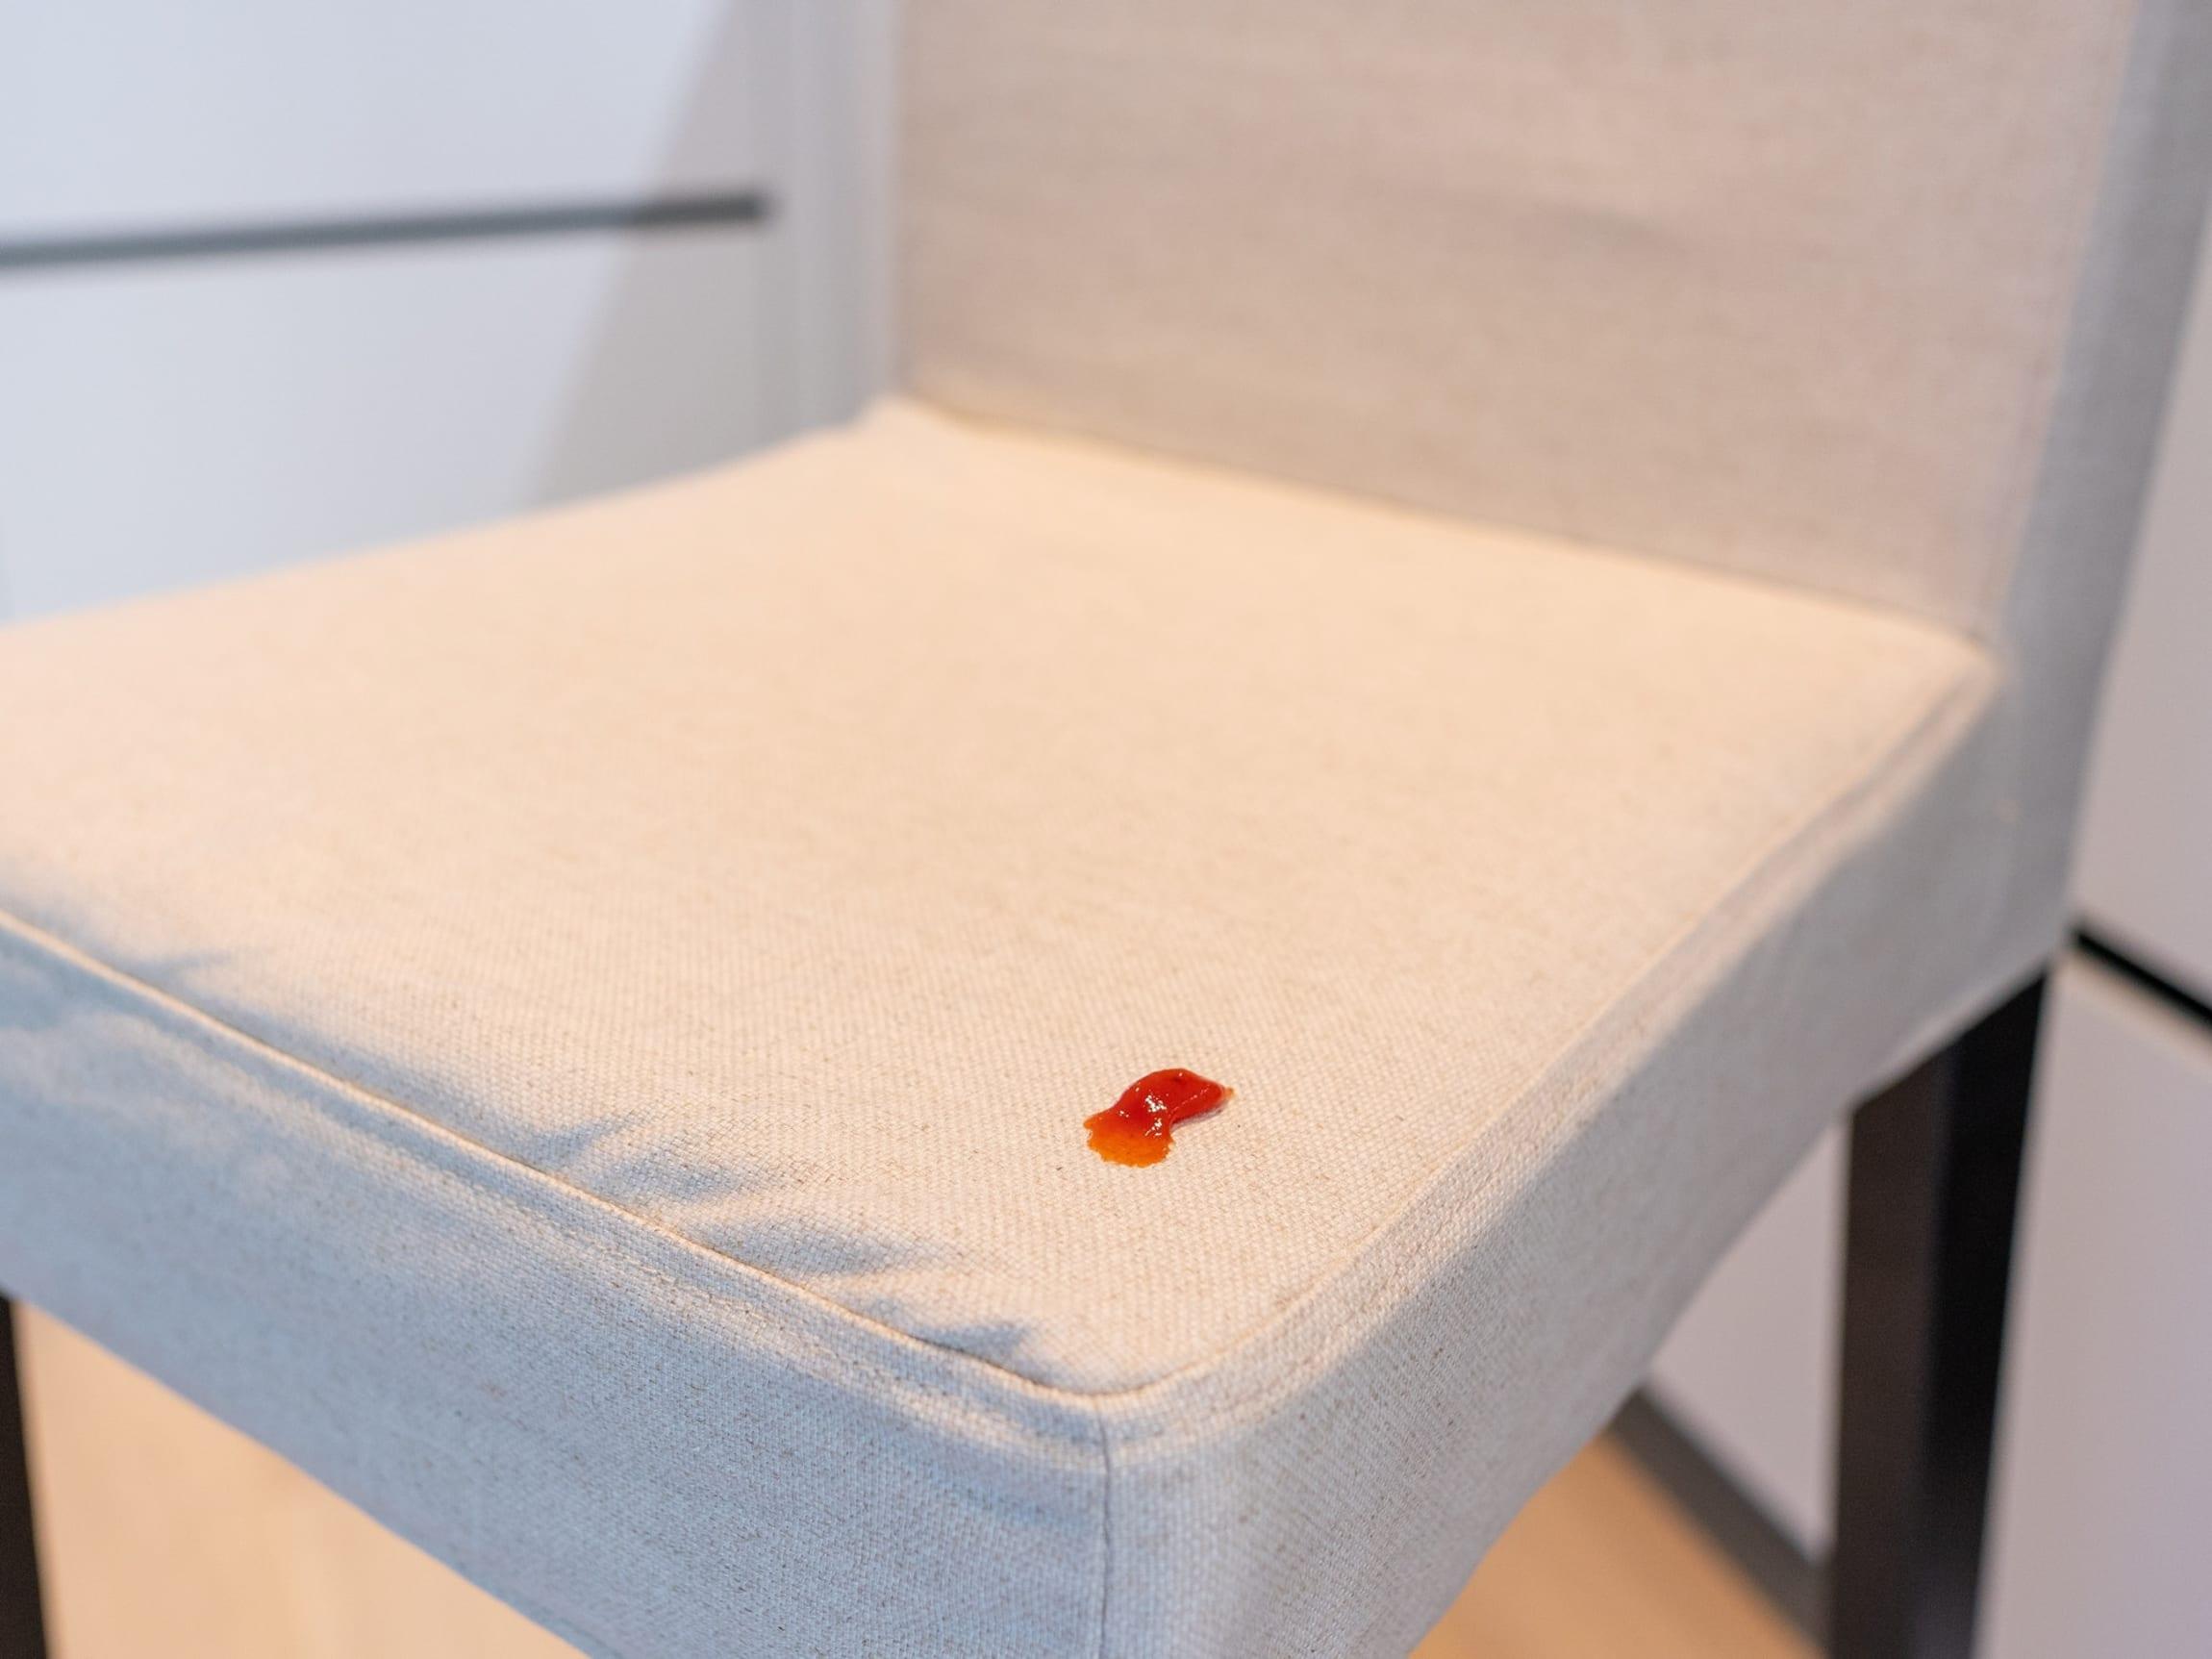 Flekker på sofaer eller stoler? Sørg for å gjerne flekken så fort som mulig, ellers blir flekken mye vanskeligere å fjerne i ettertid.